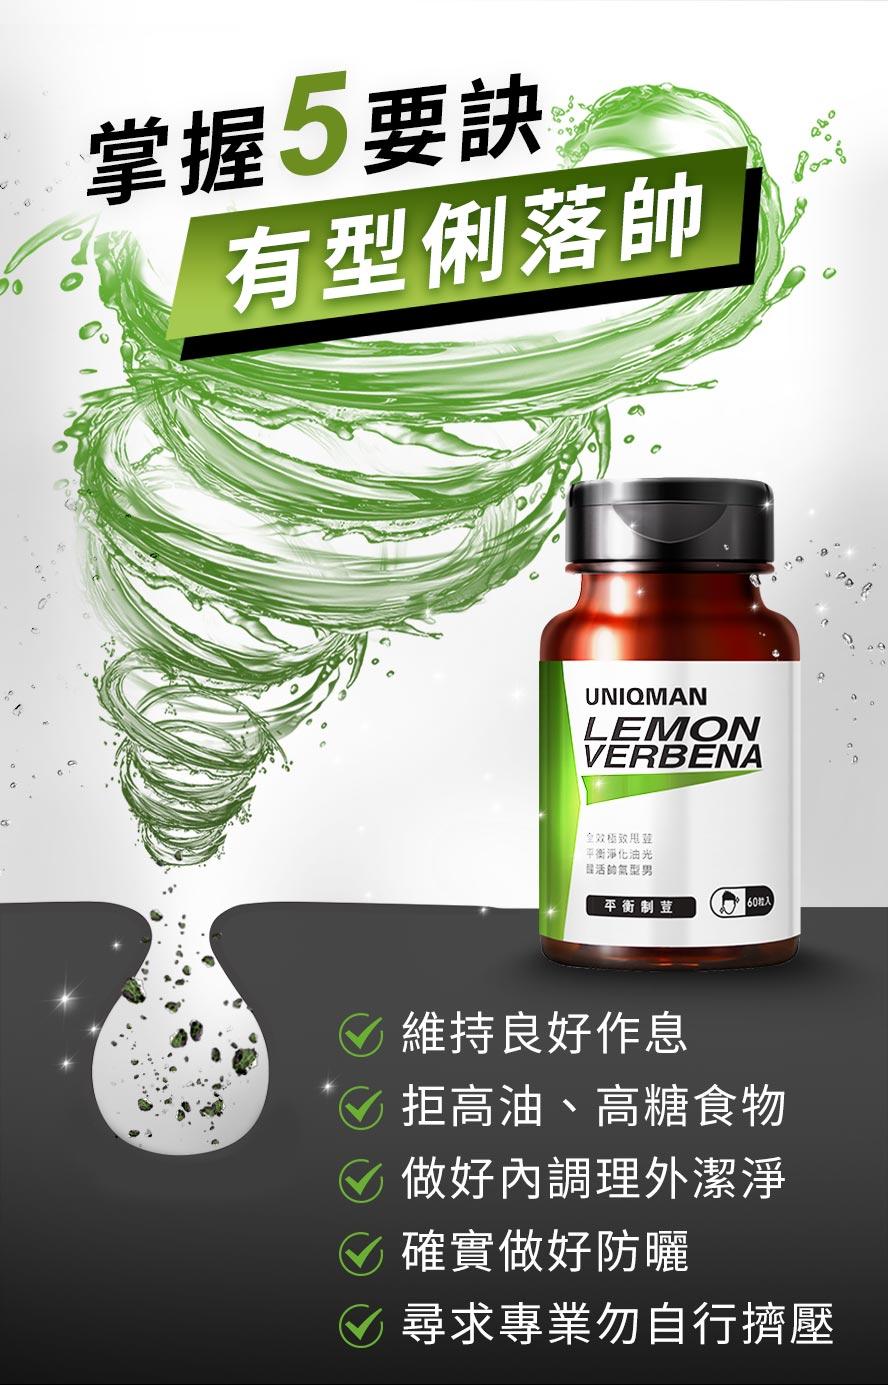 UNIQMAN平衡制荳膠囊幫助平衡油水,改善男性肌膚油膩問題